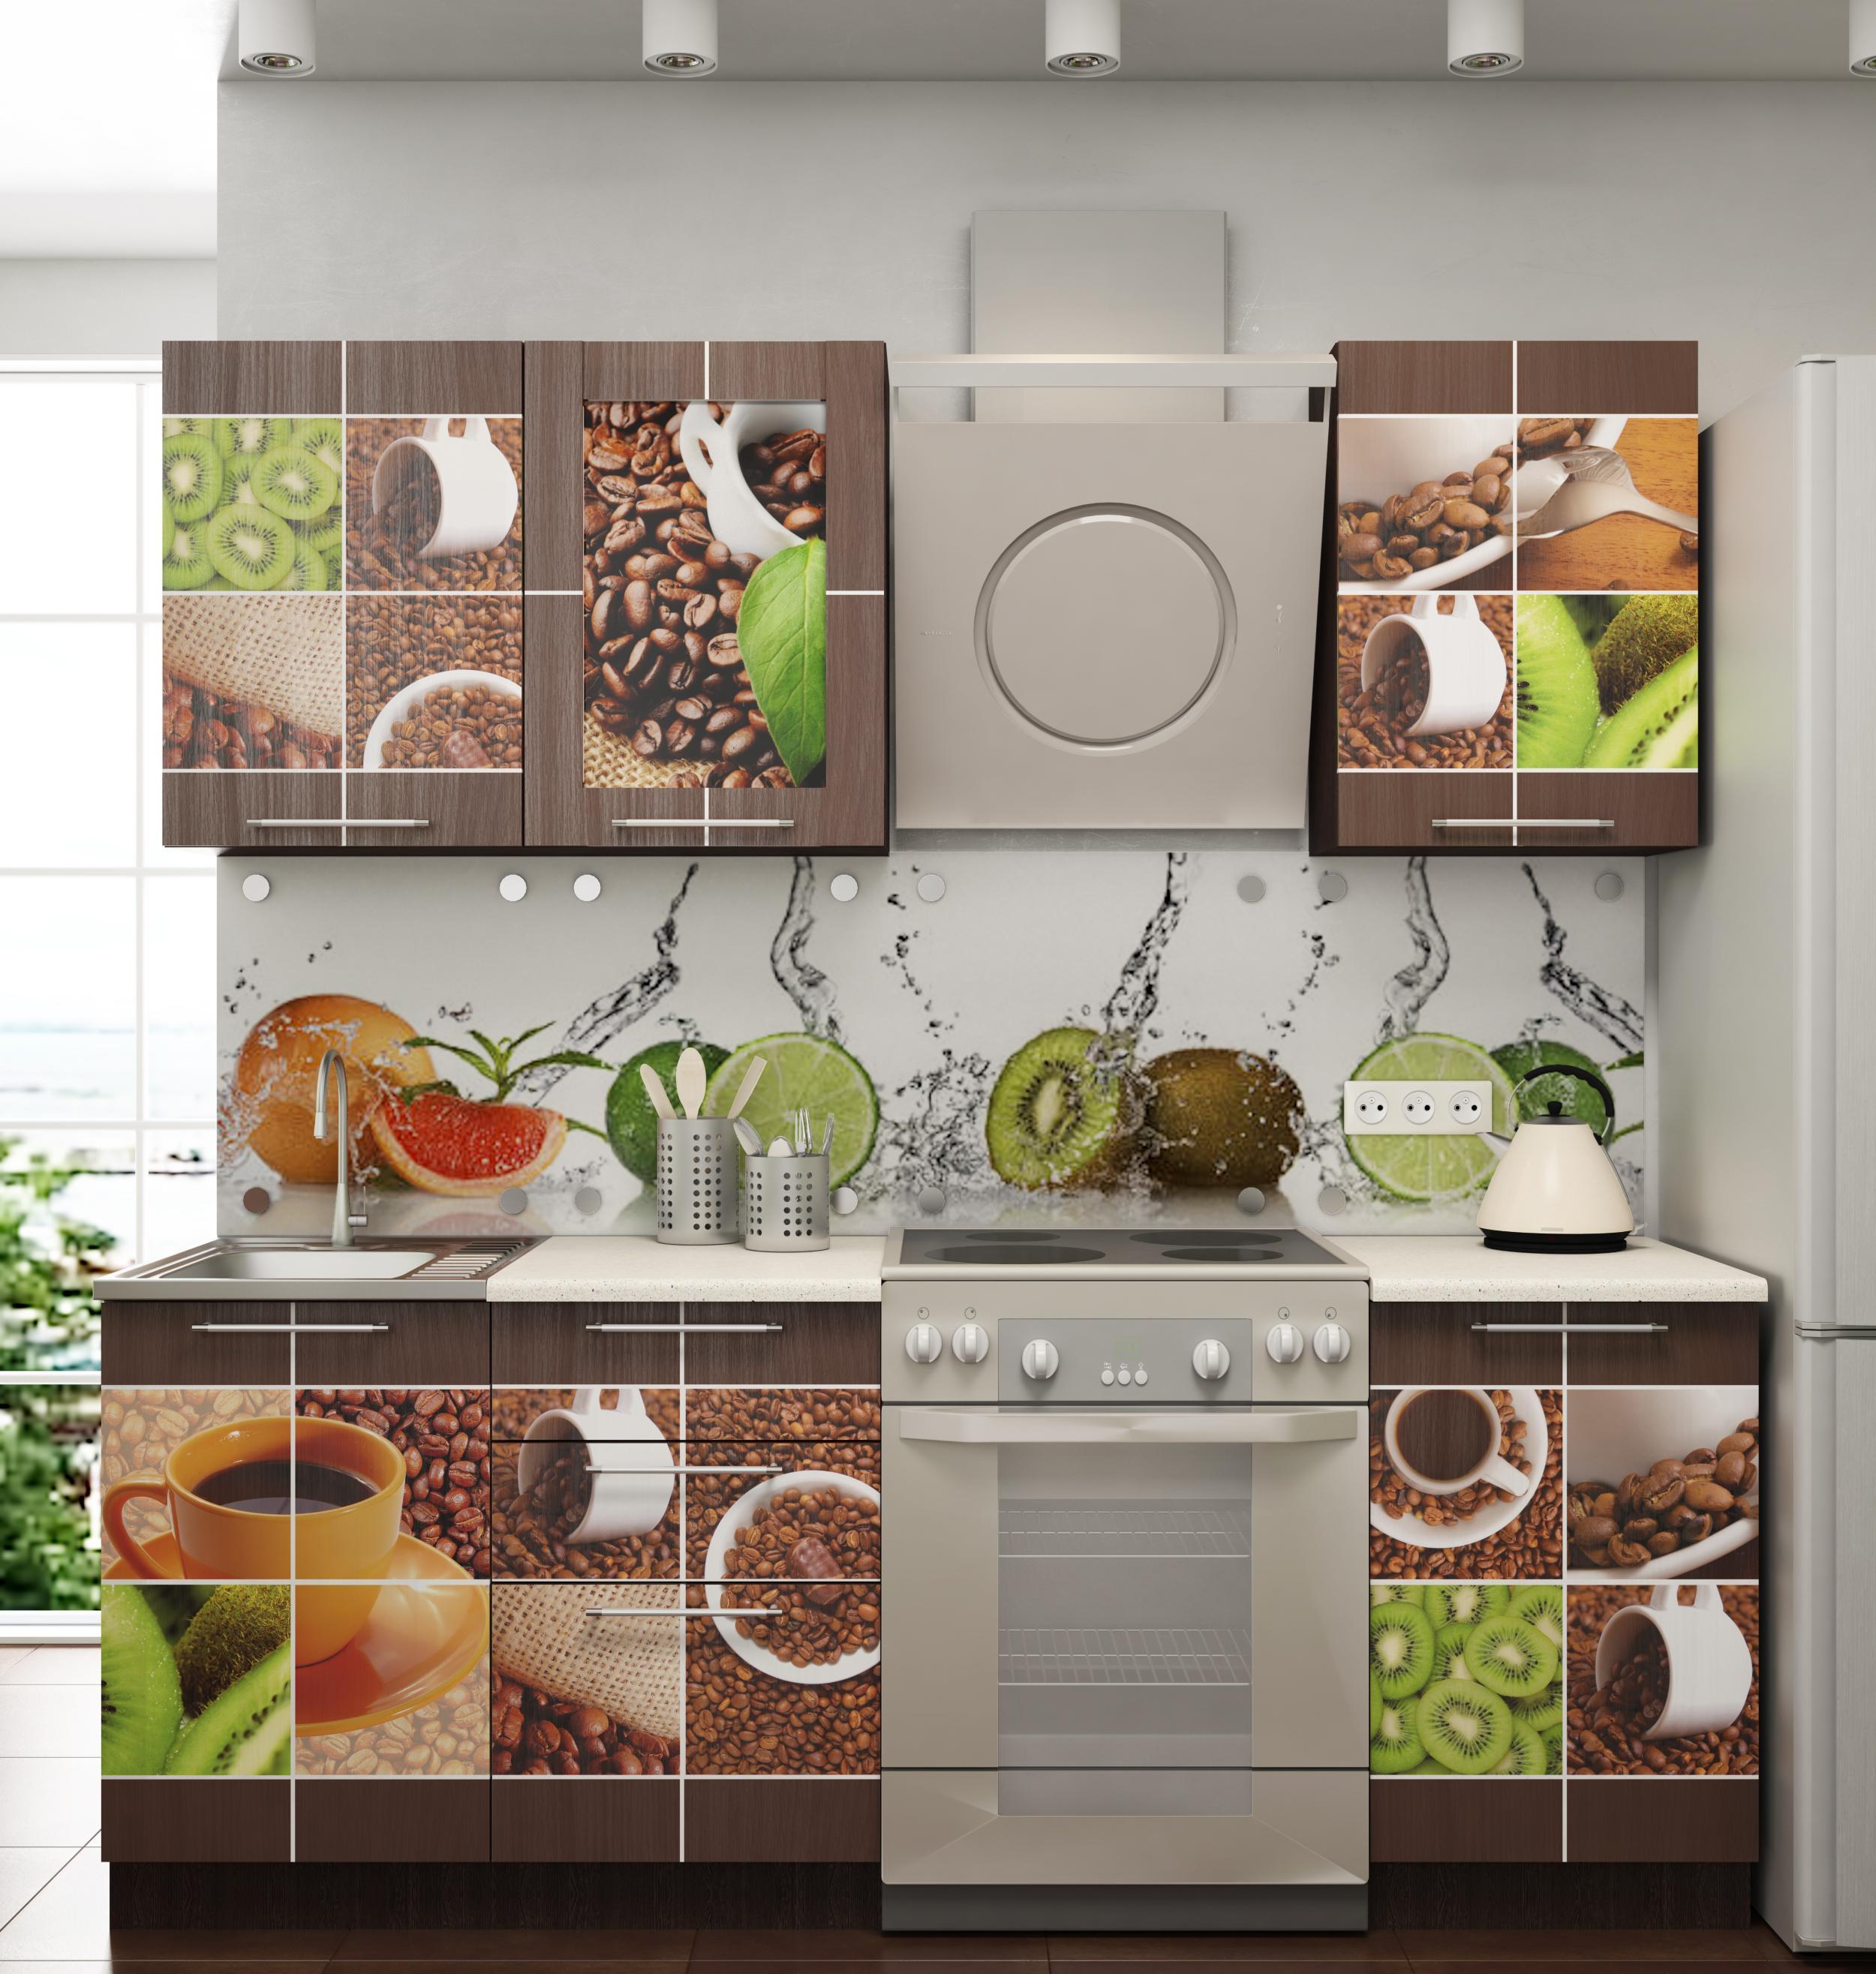 Фото с рекламой кухни позже